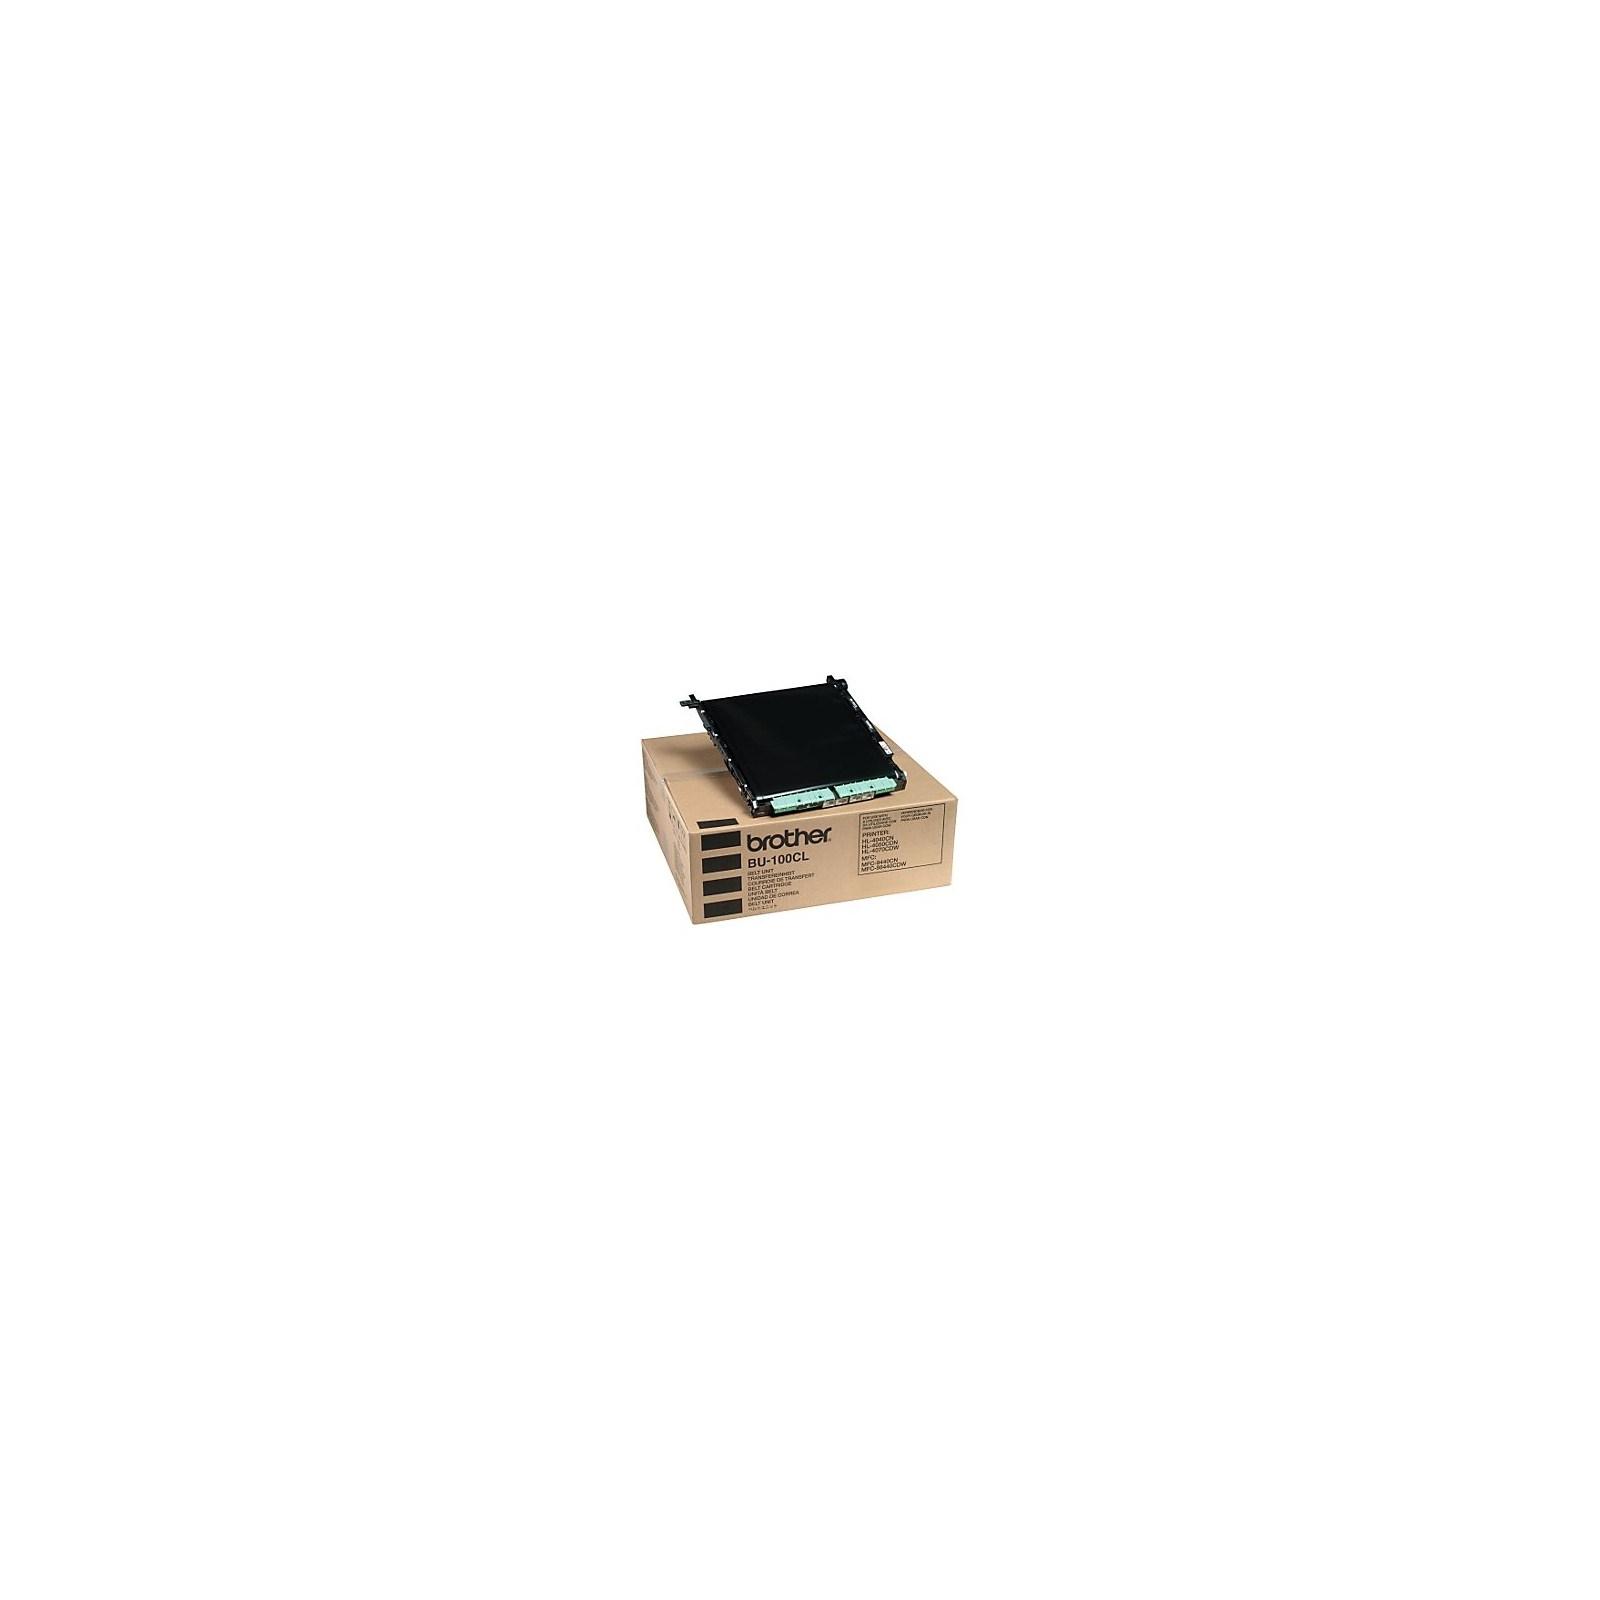 Блок транспортировки ленты Brother DCP9040/MFC9440/HL4040/HL4050 (BU100CL)